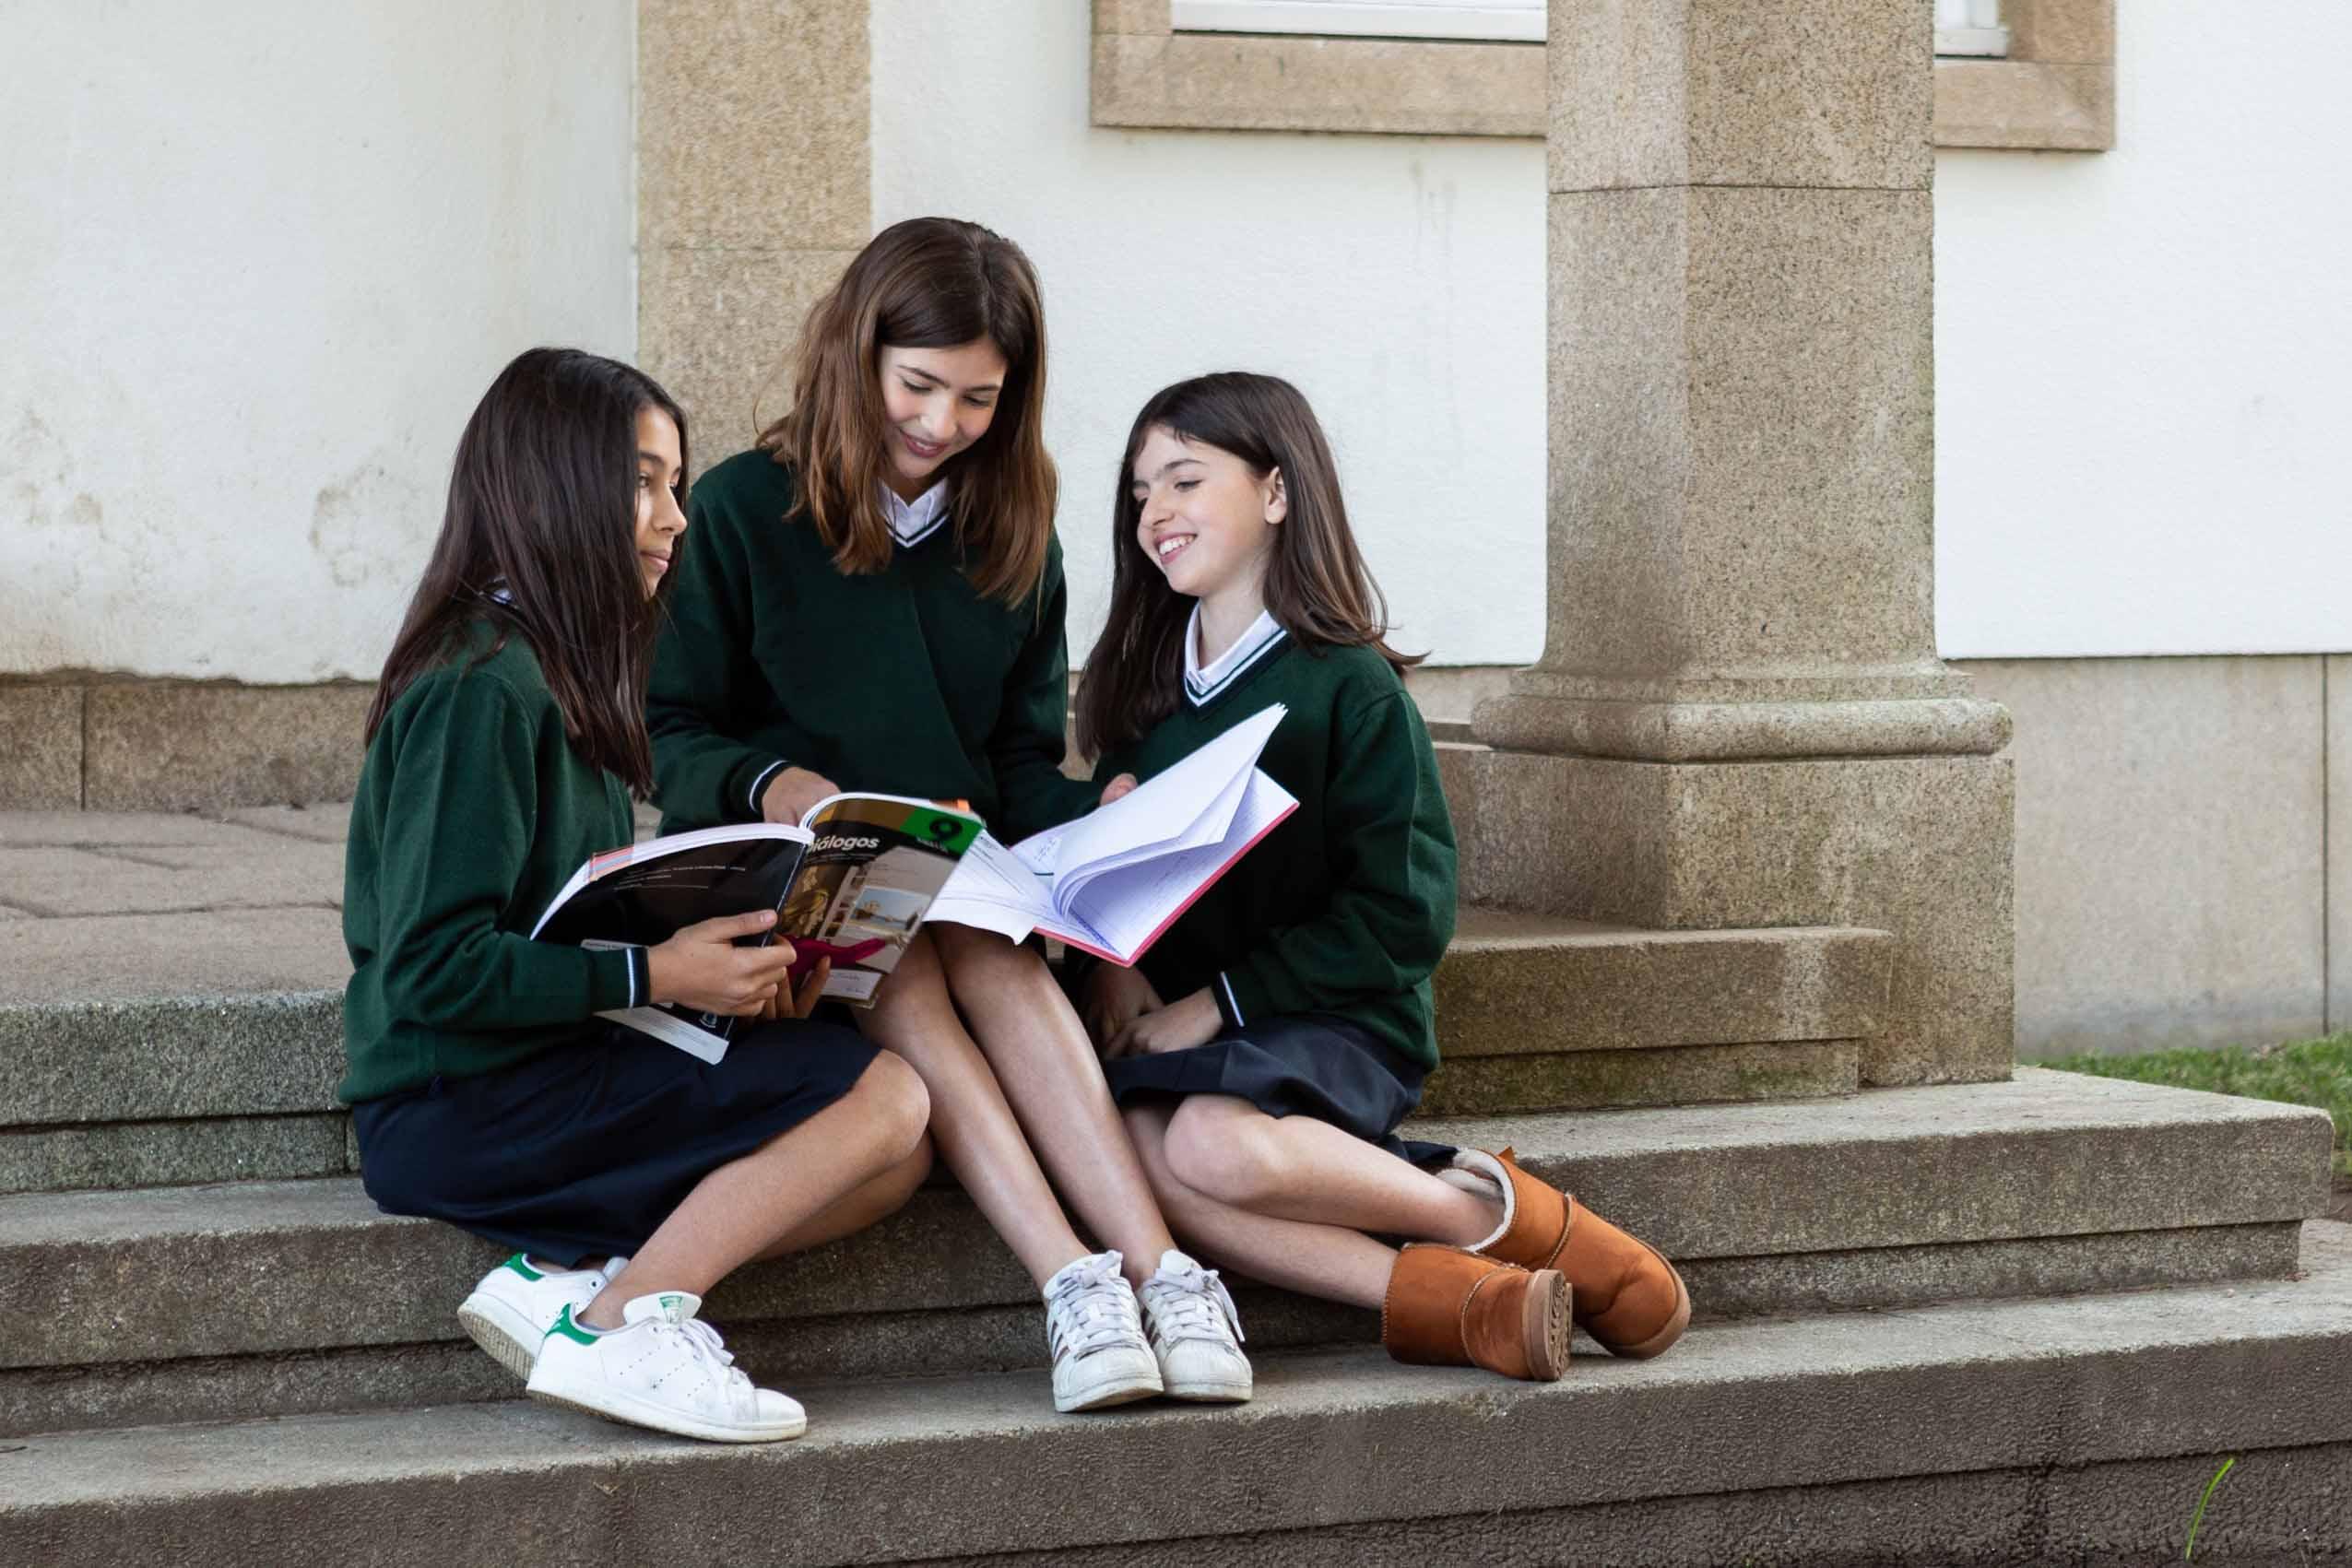 ensino-privado-ensino-publico